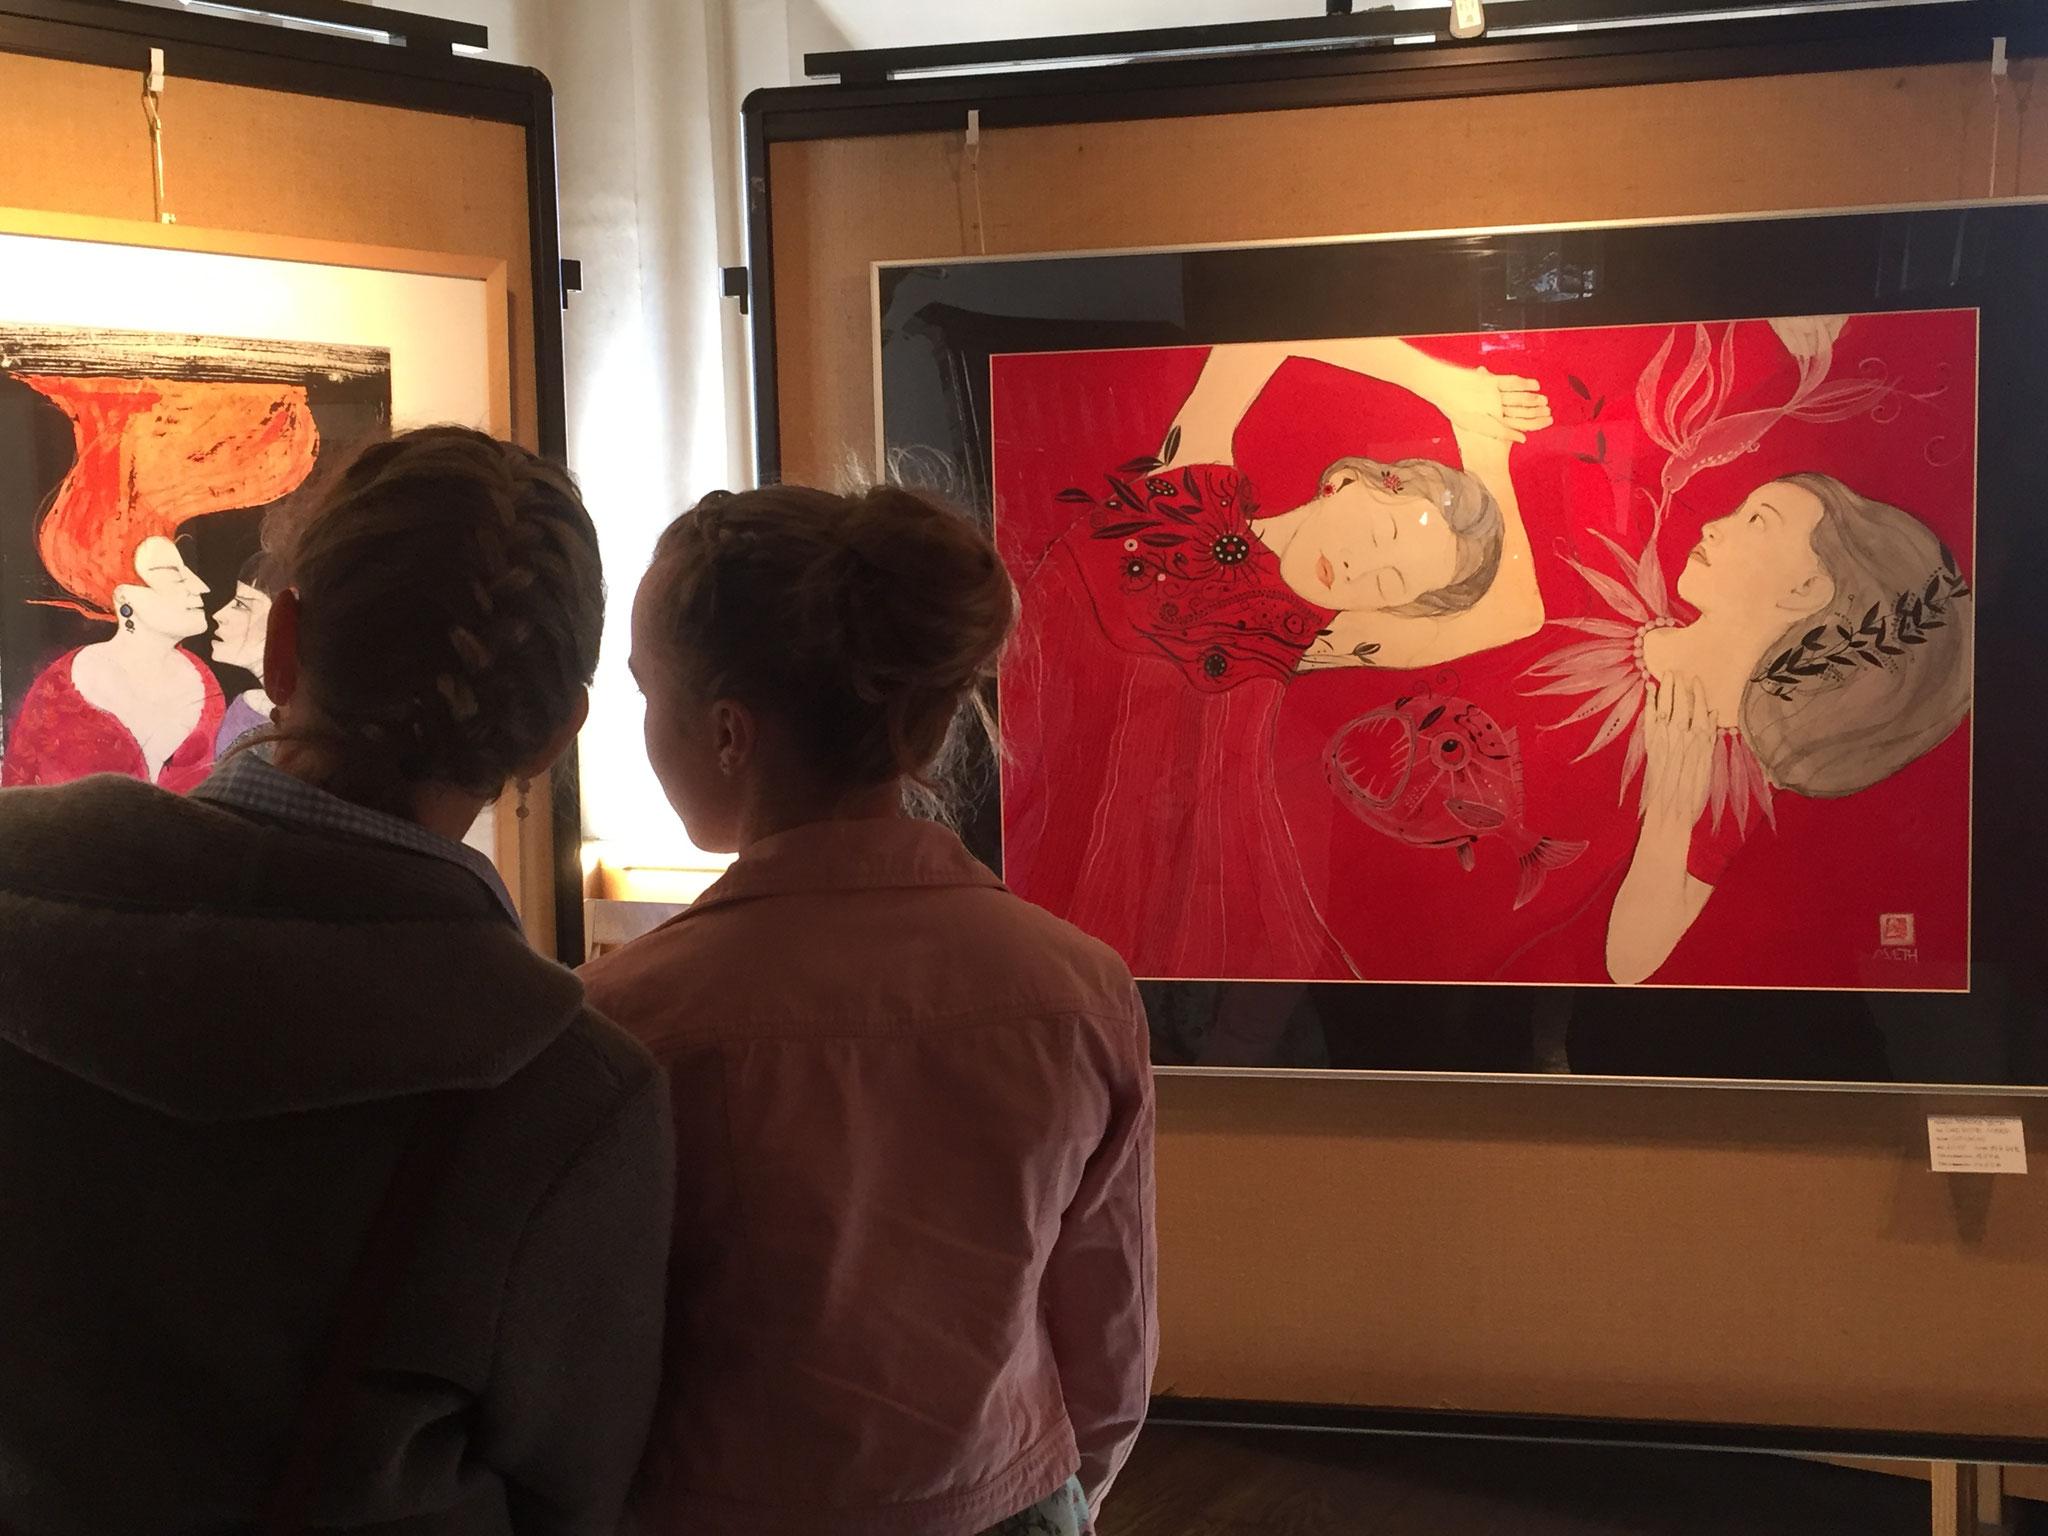 Ausstellung der Bilder von Monika Veth